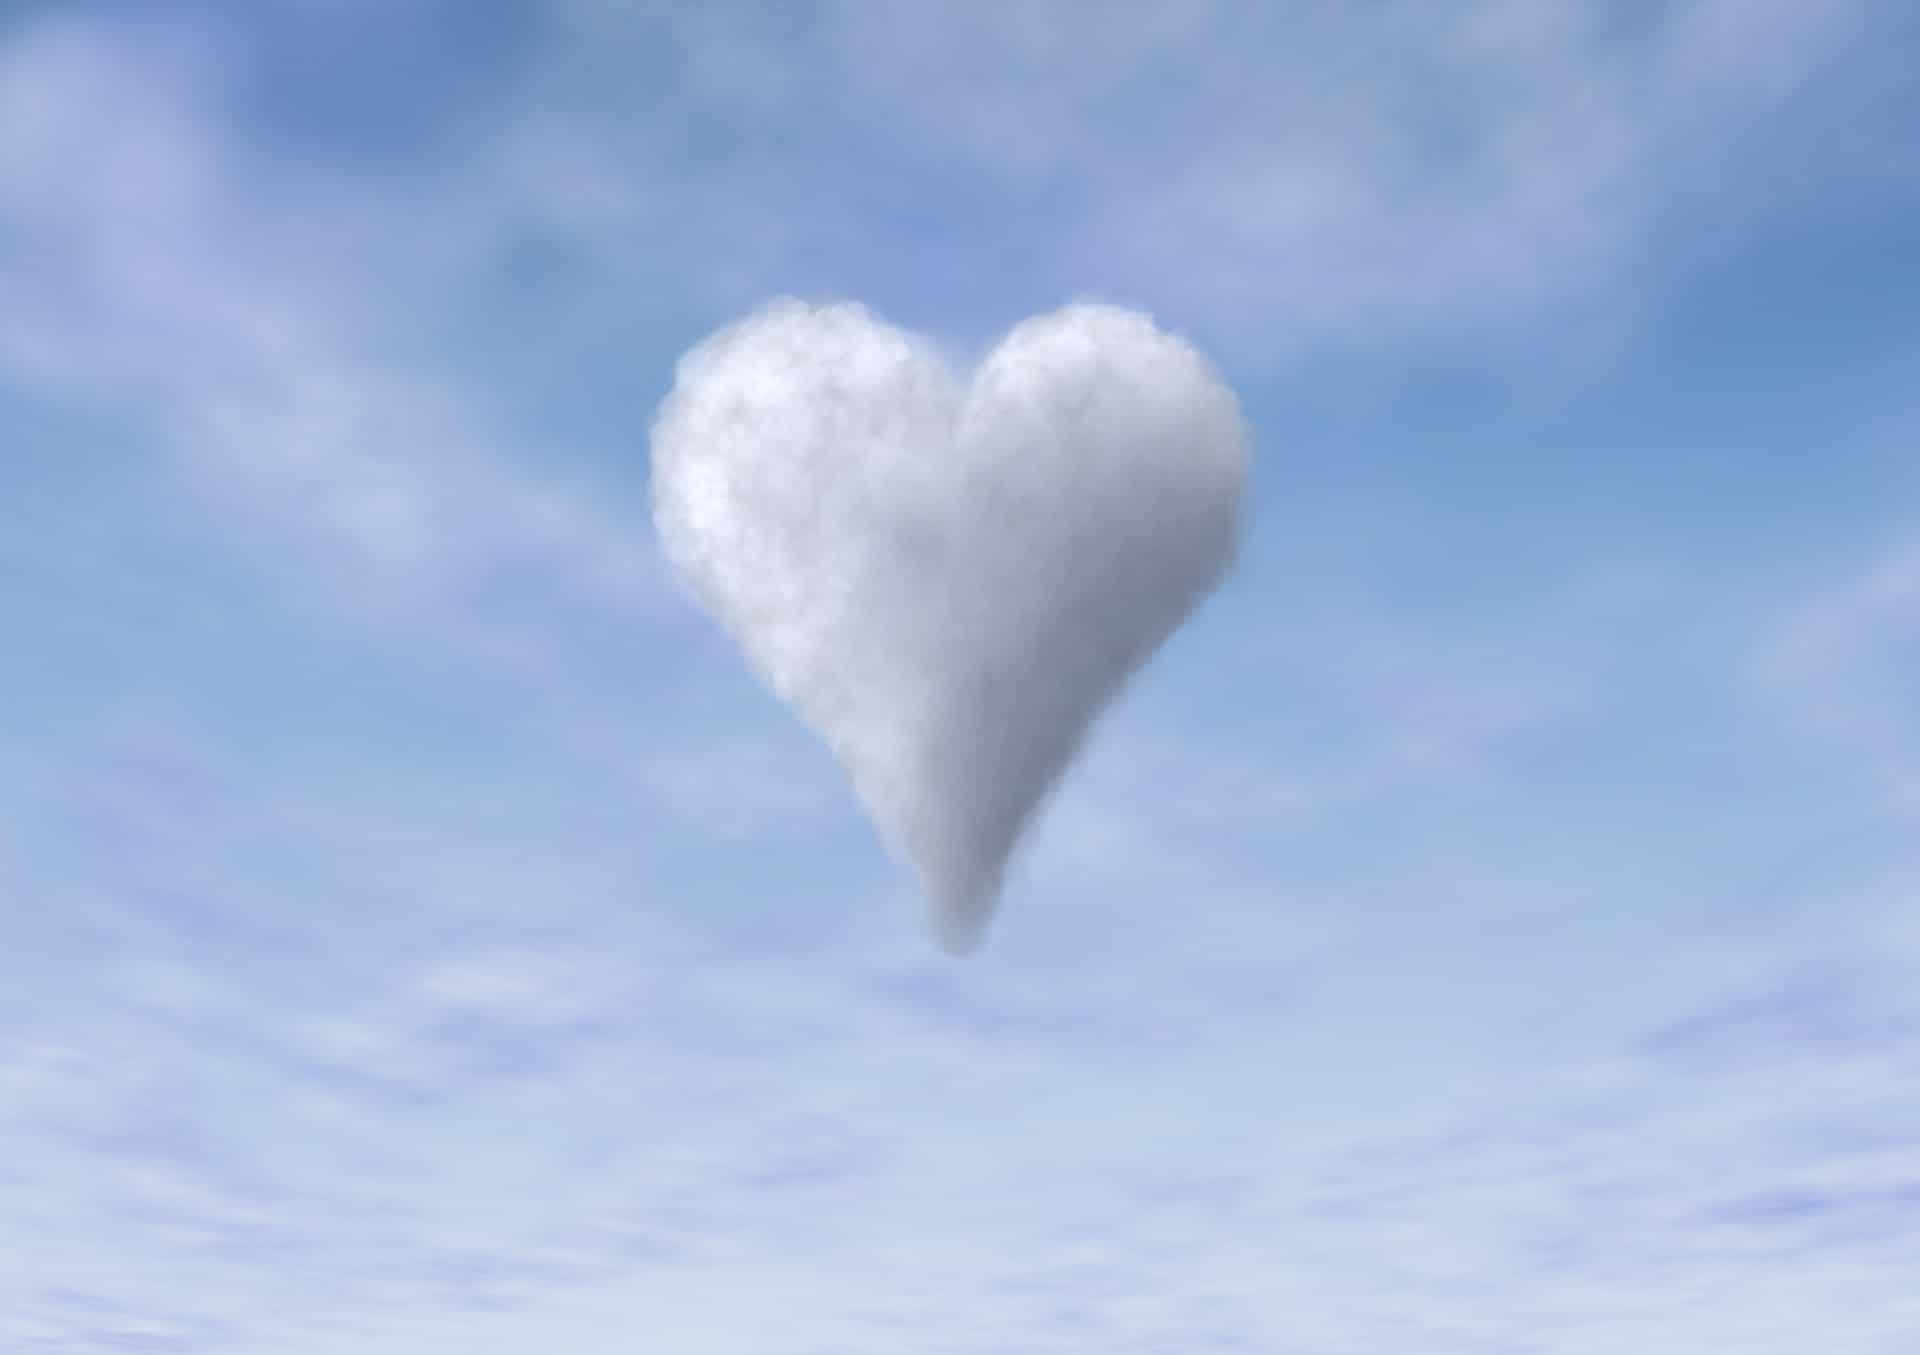 Oui, le grand amour est possible!